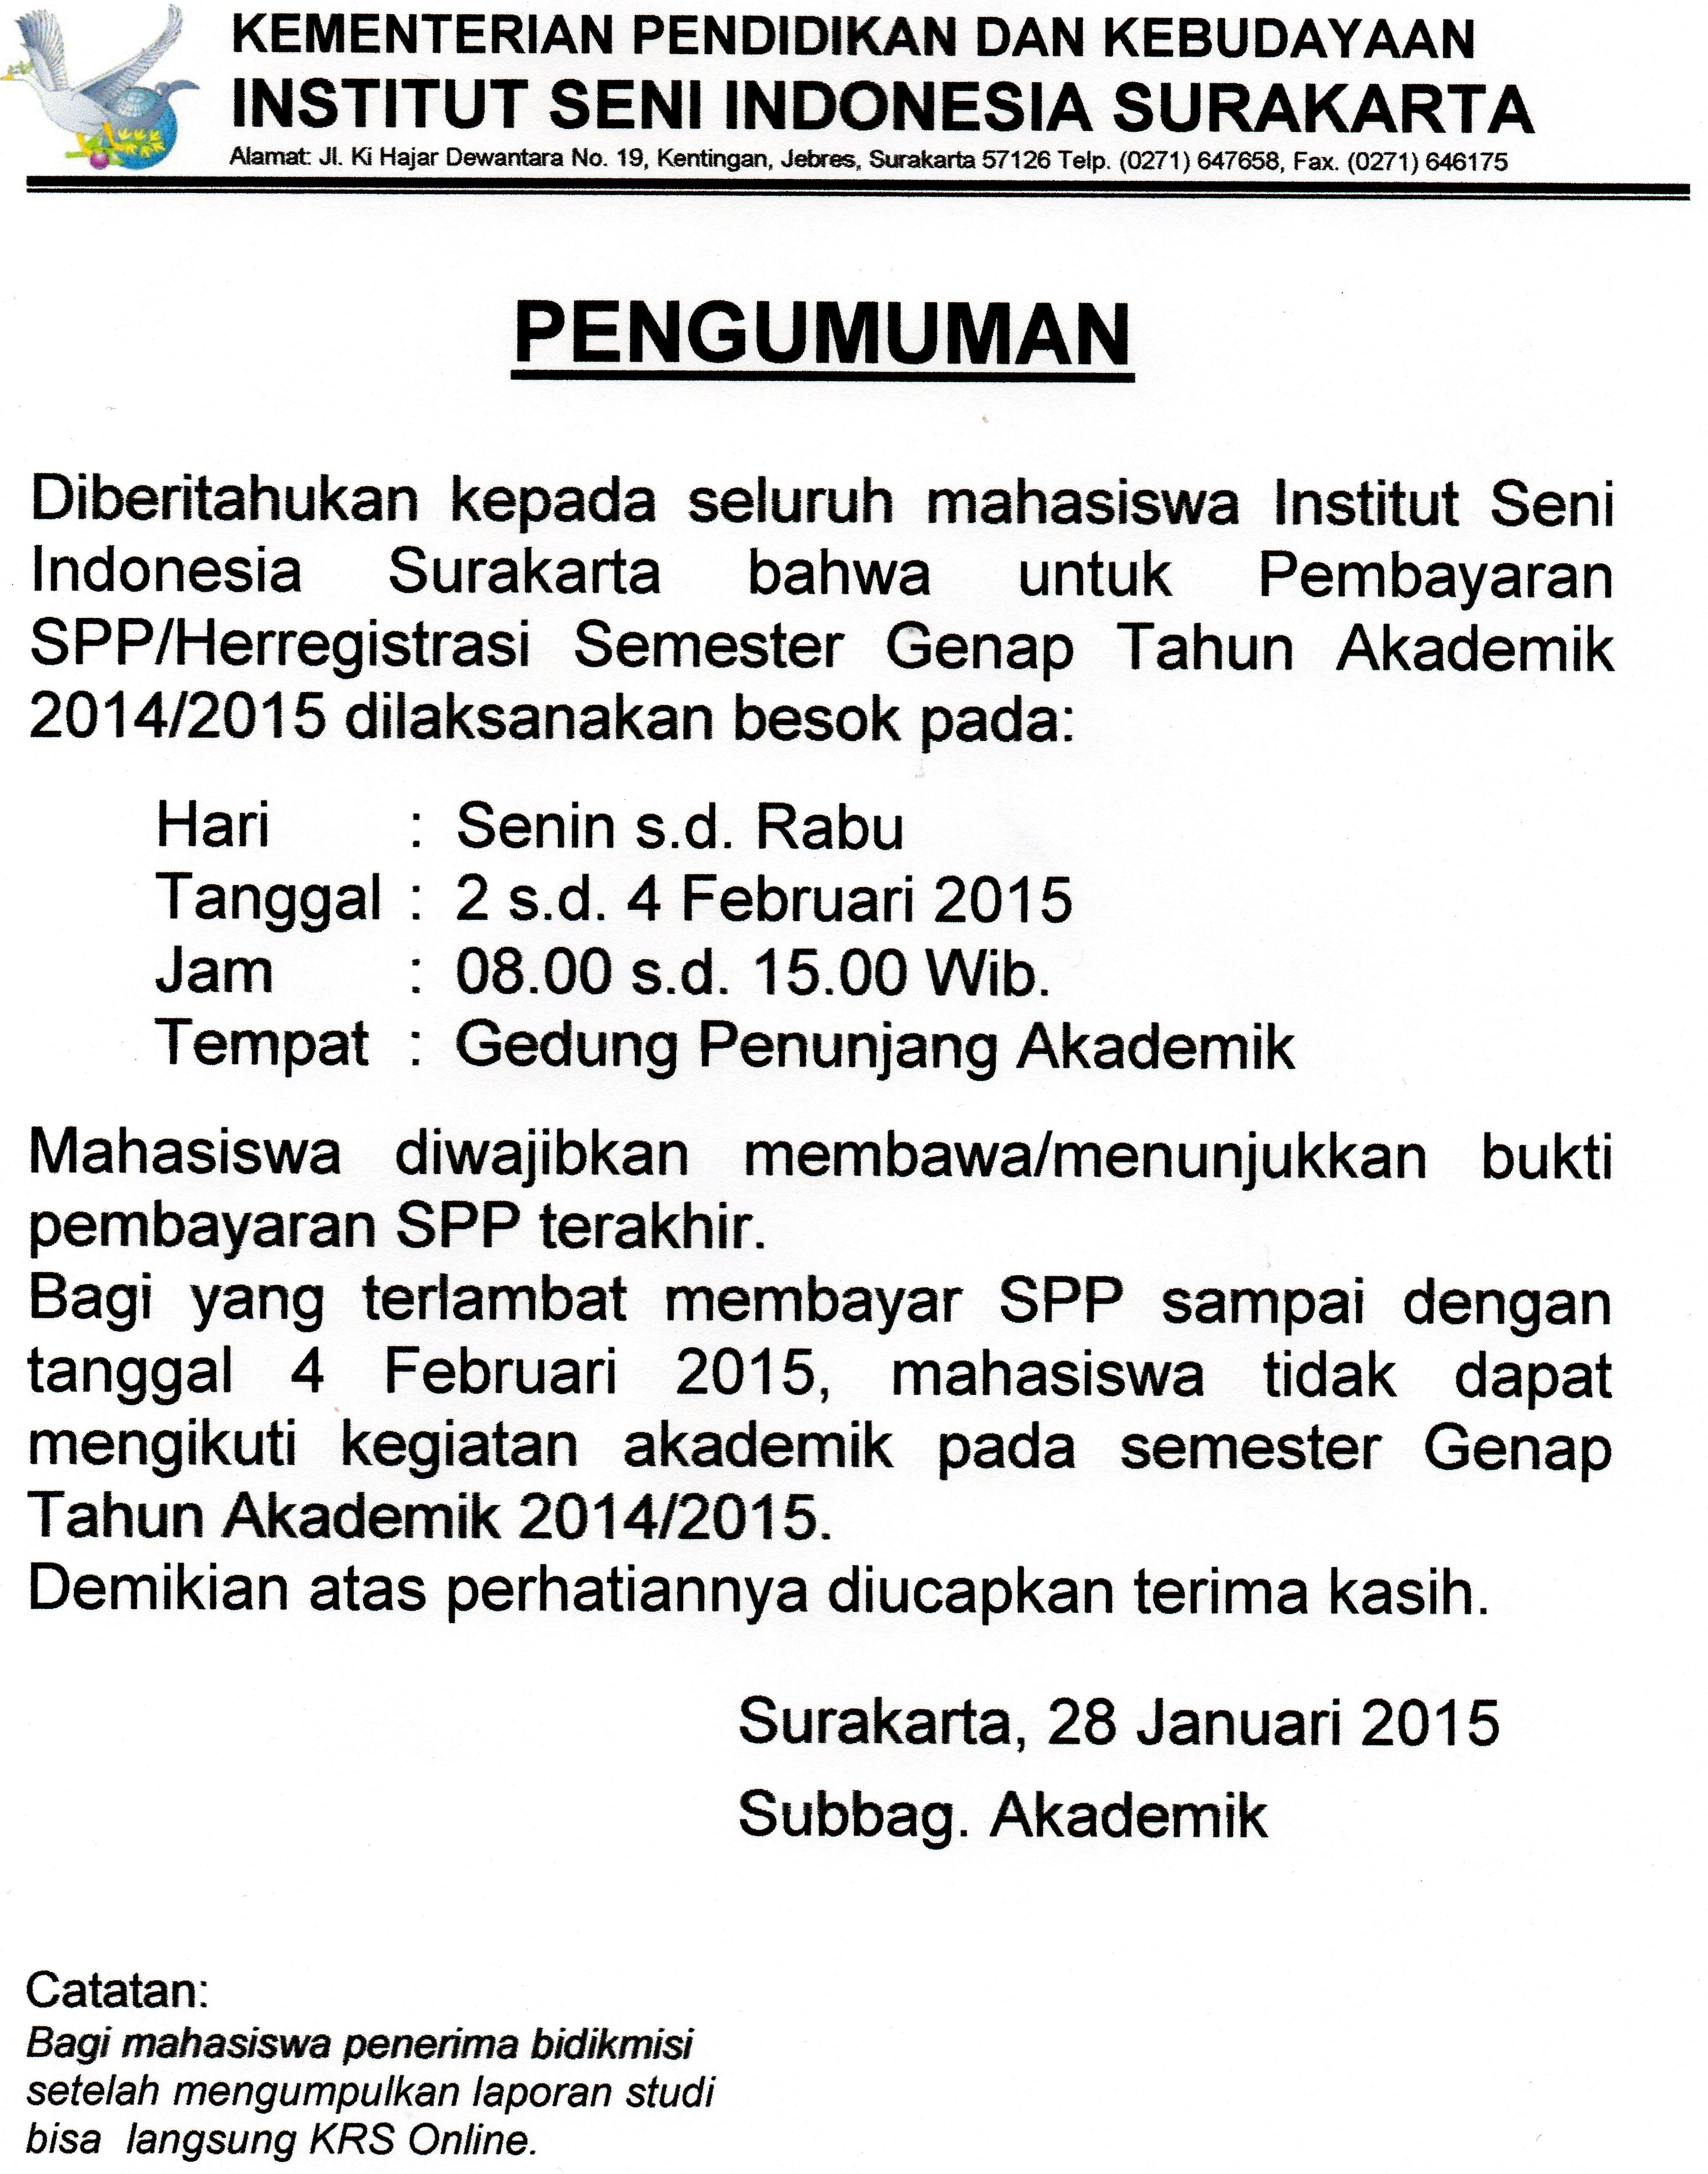 STNK 2014014